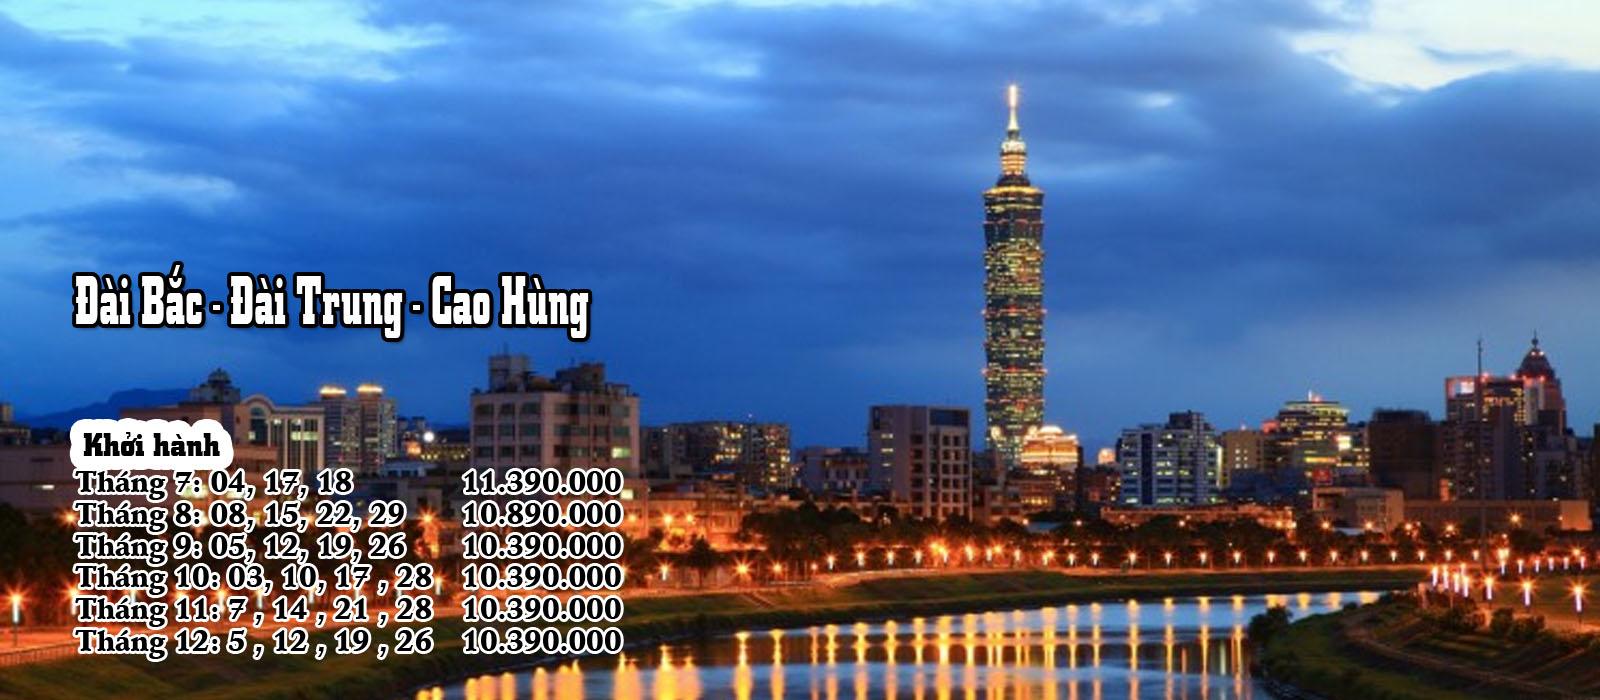 Đài Bắc - Đài Trung - Cao Hùng